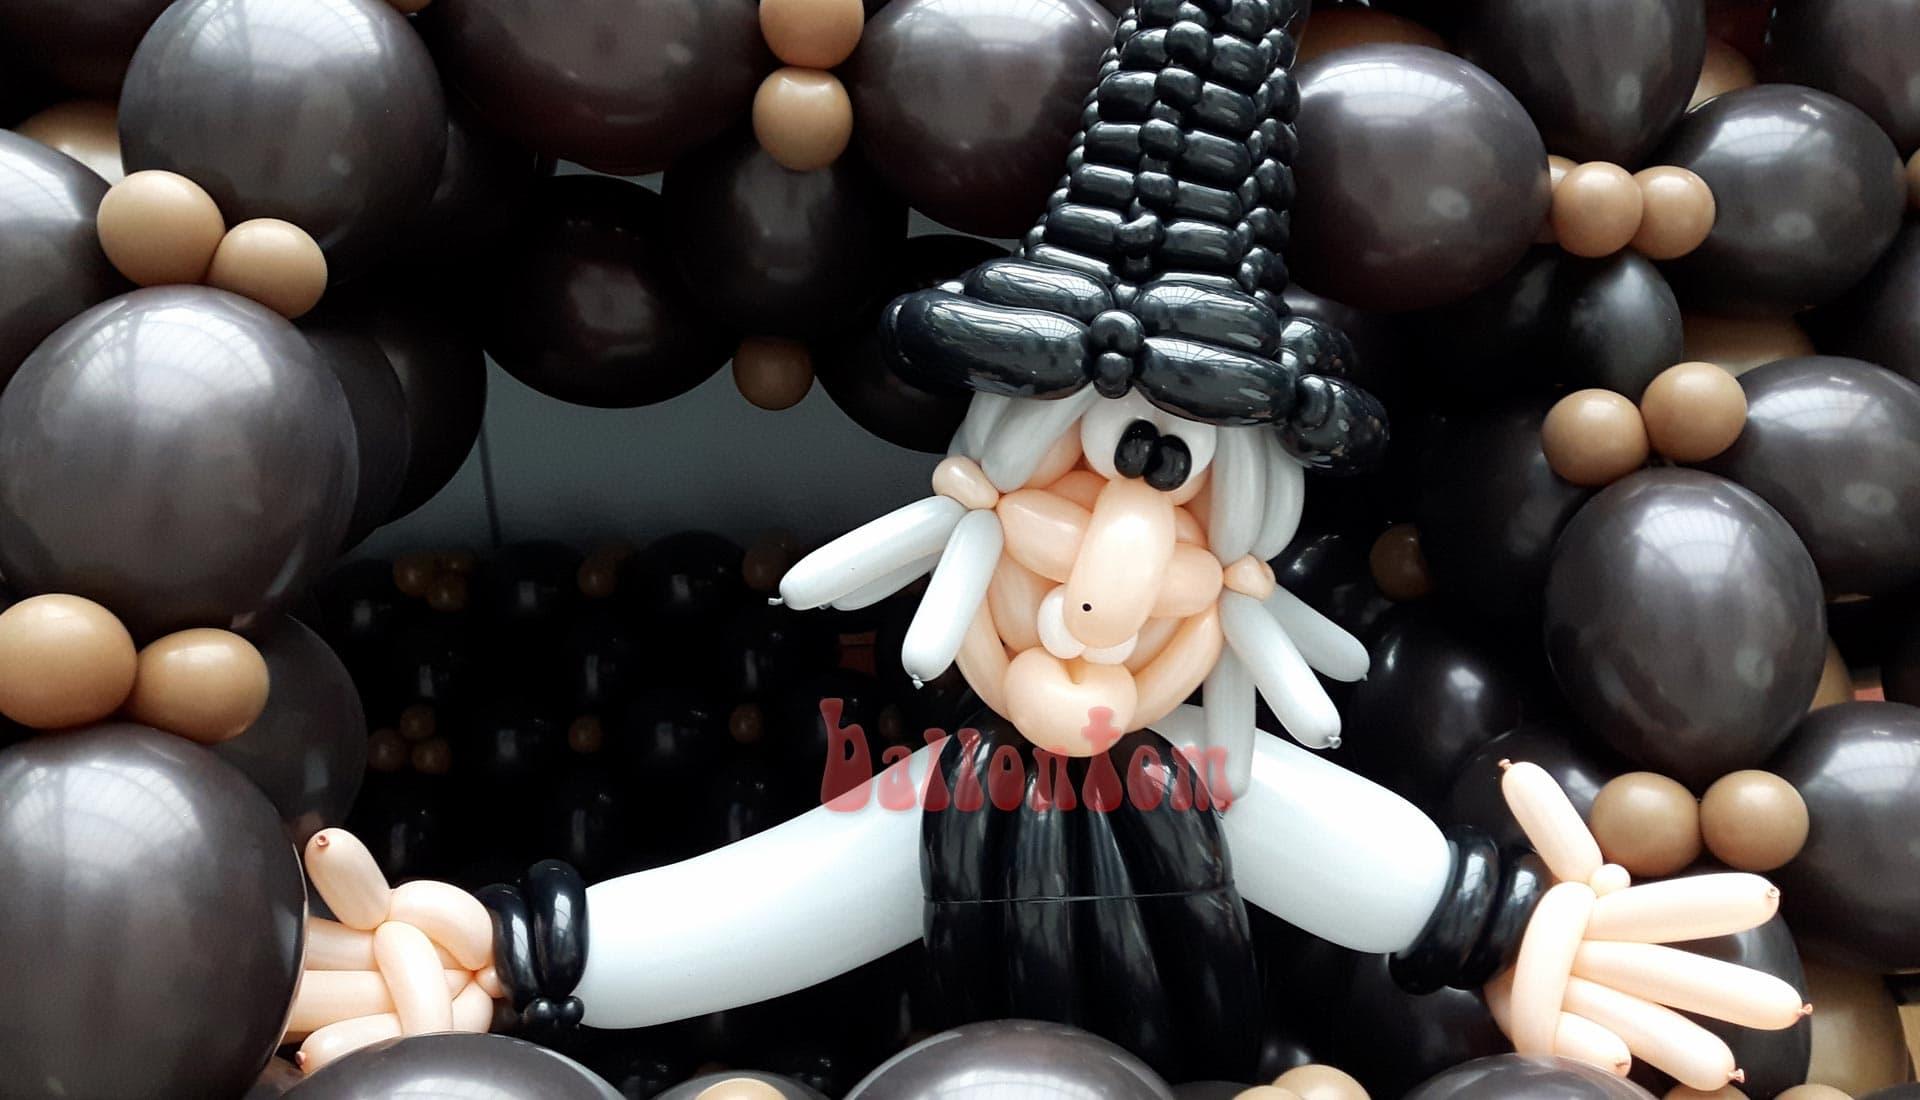 Ballonwelt zur Kinderoper Hensel und Gretel in Unterschleißheim Nähe München - Bild: Hexe